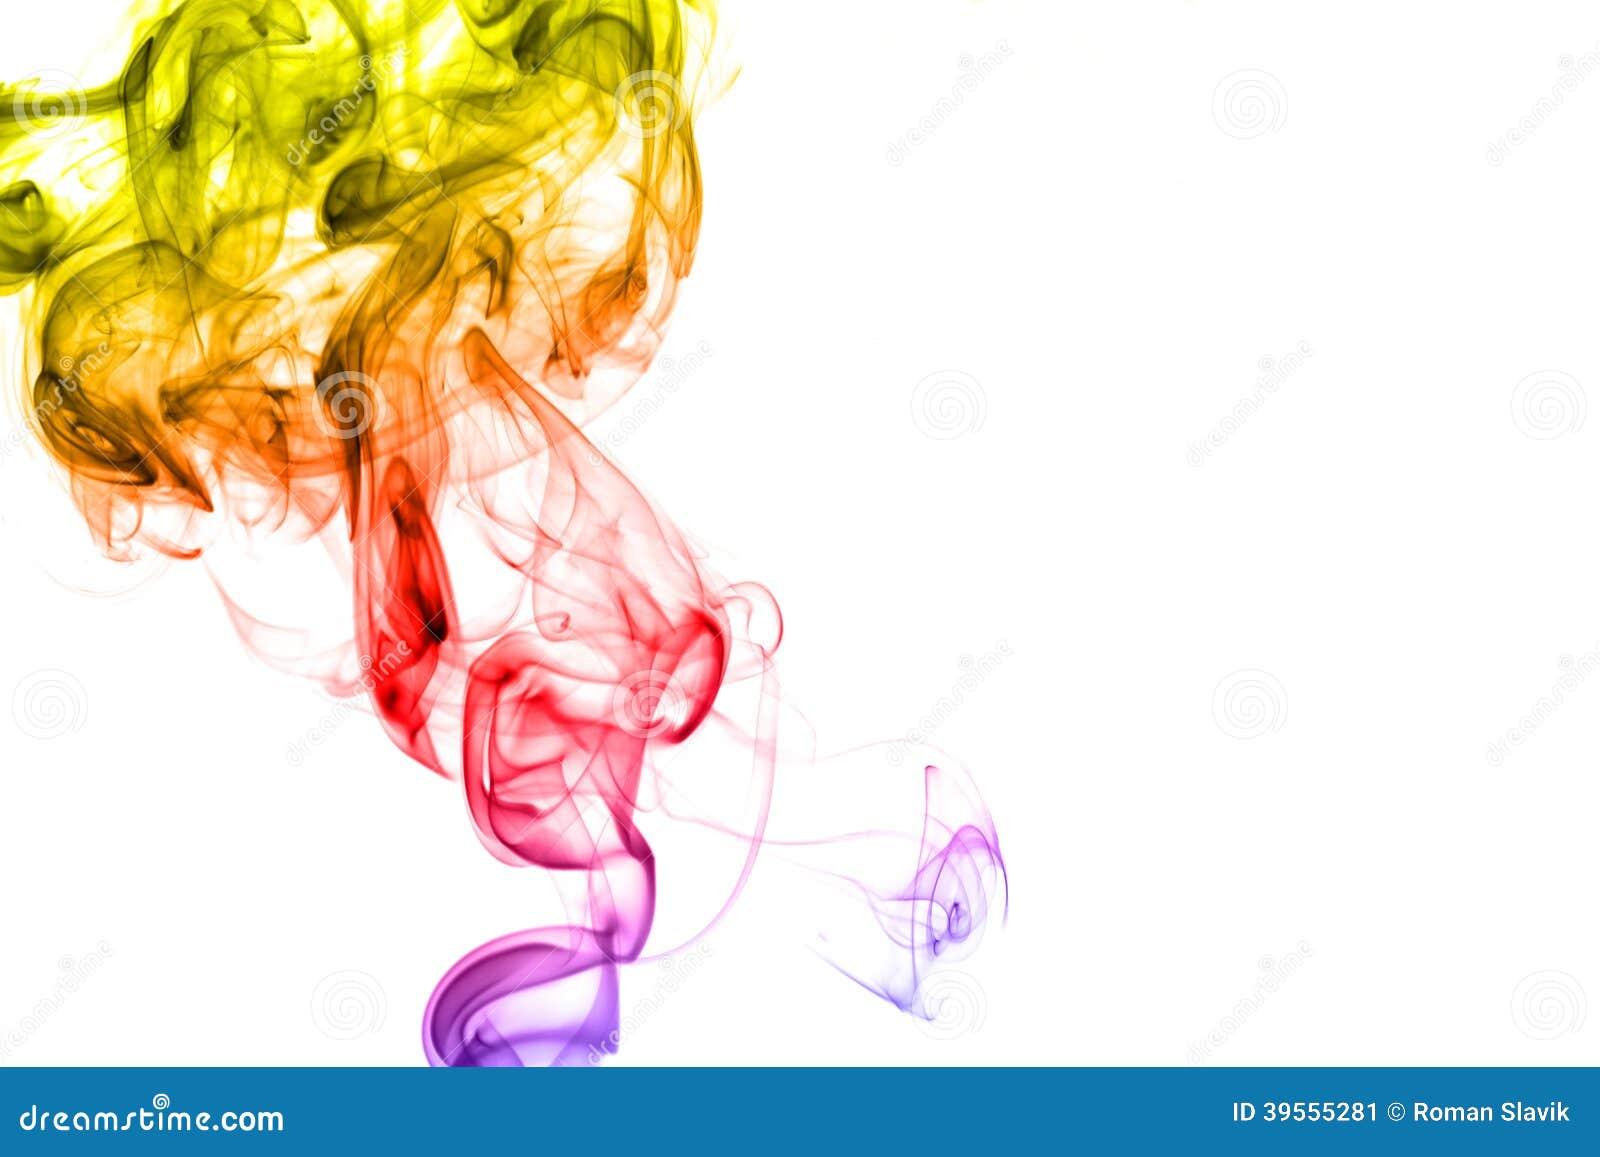 rainbow smoke isolated on white background stock image